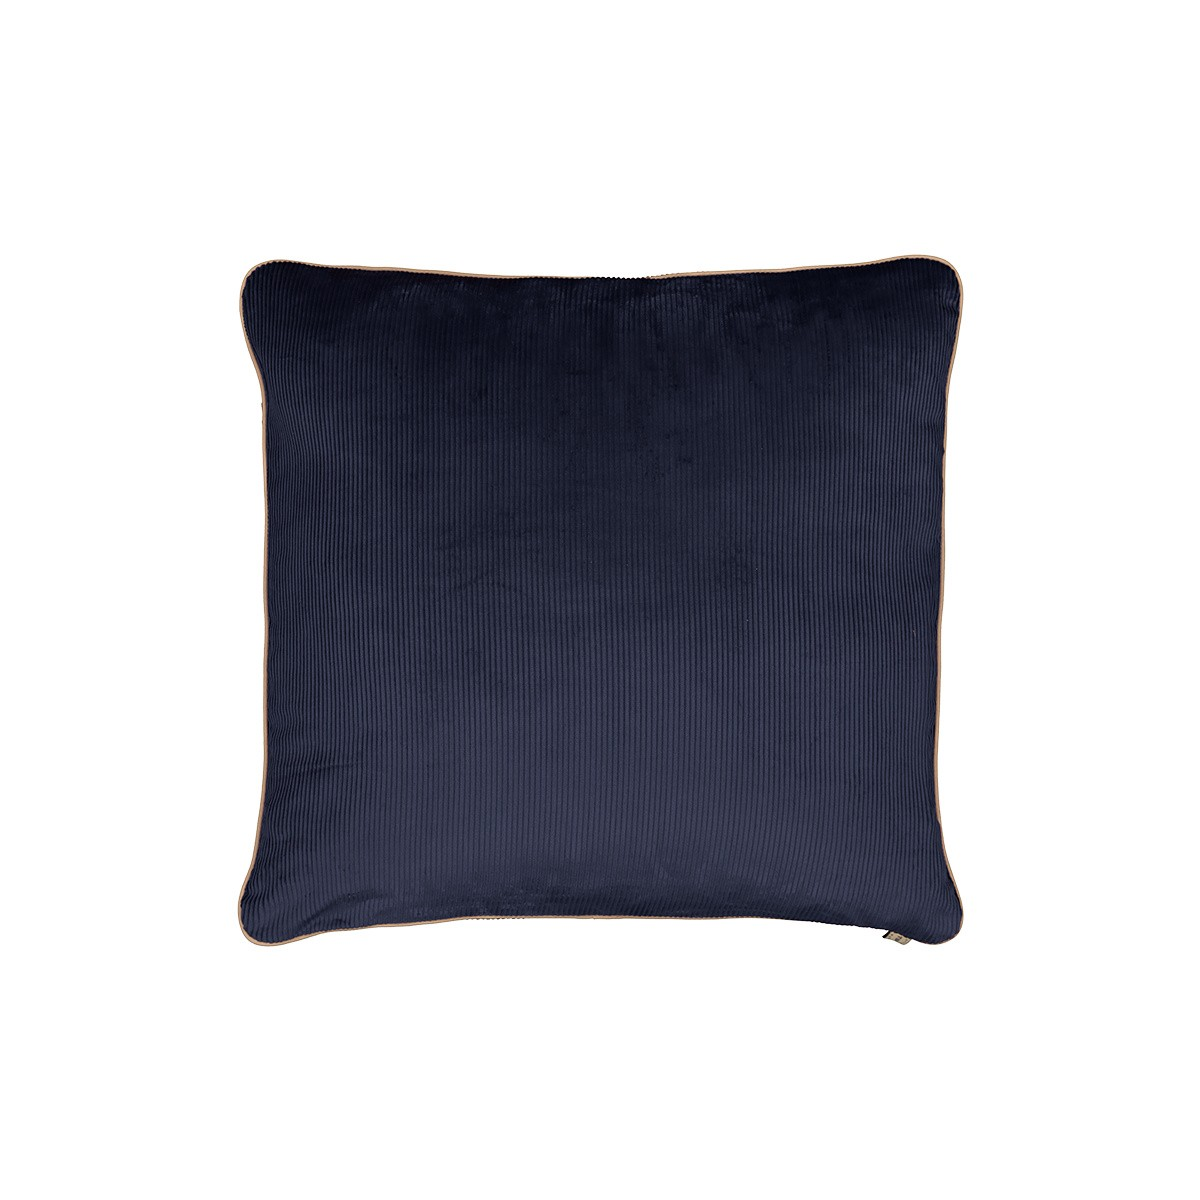 Coussin Carino velours côtelé bleu marine